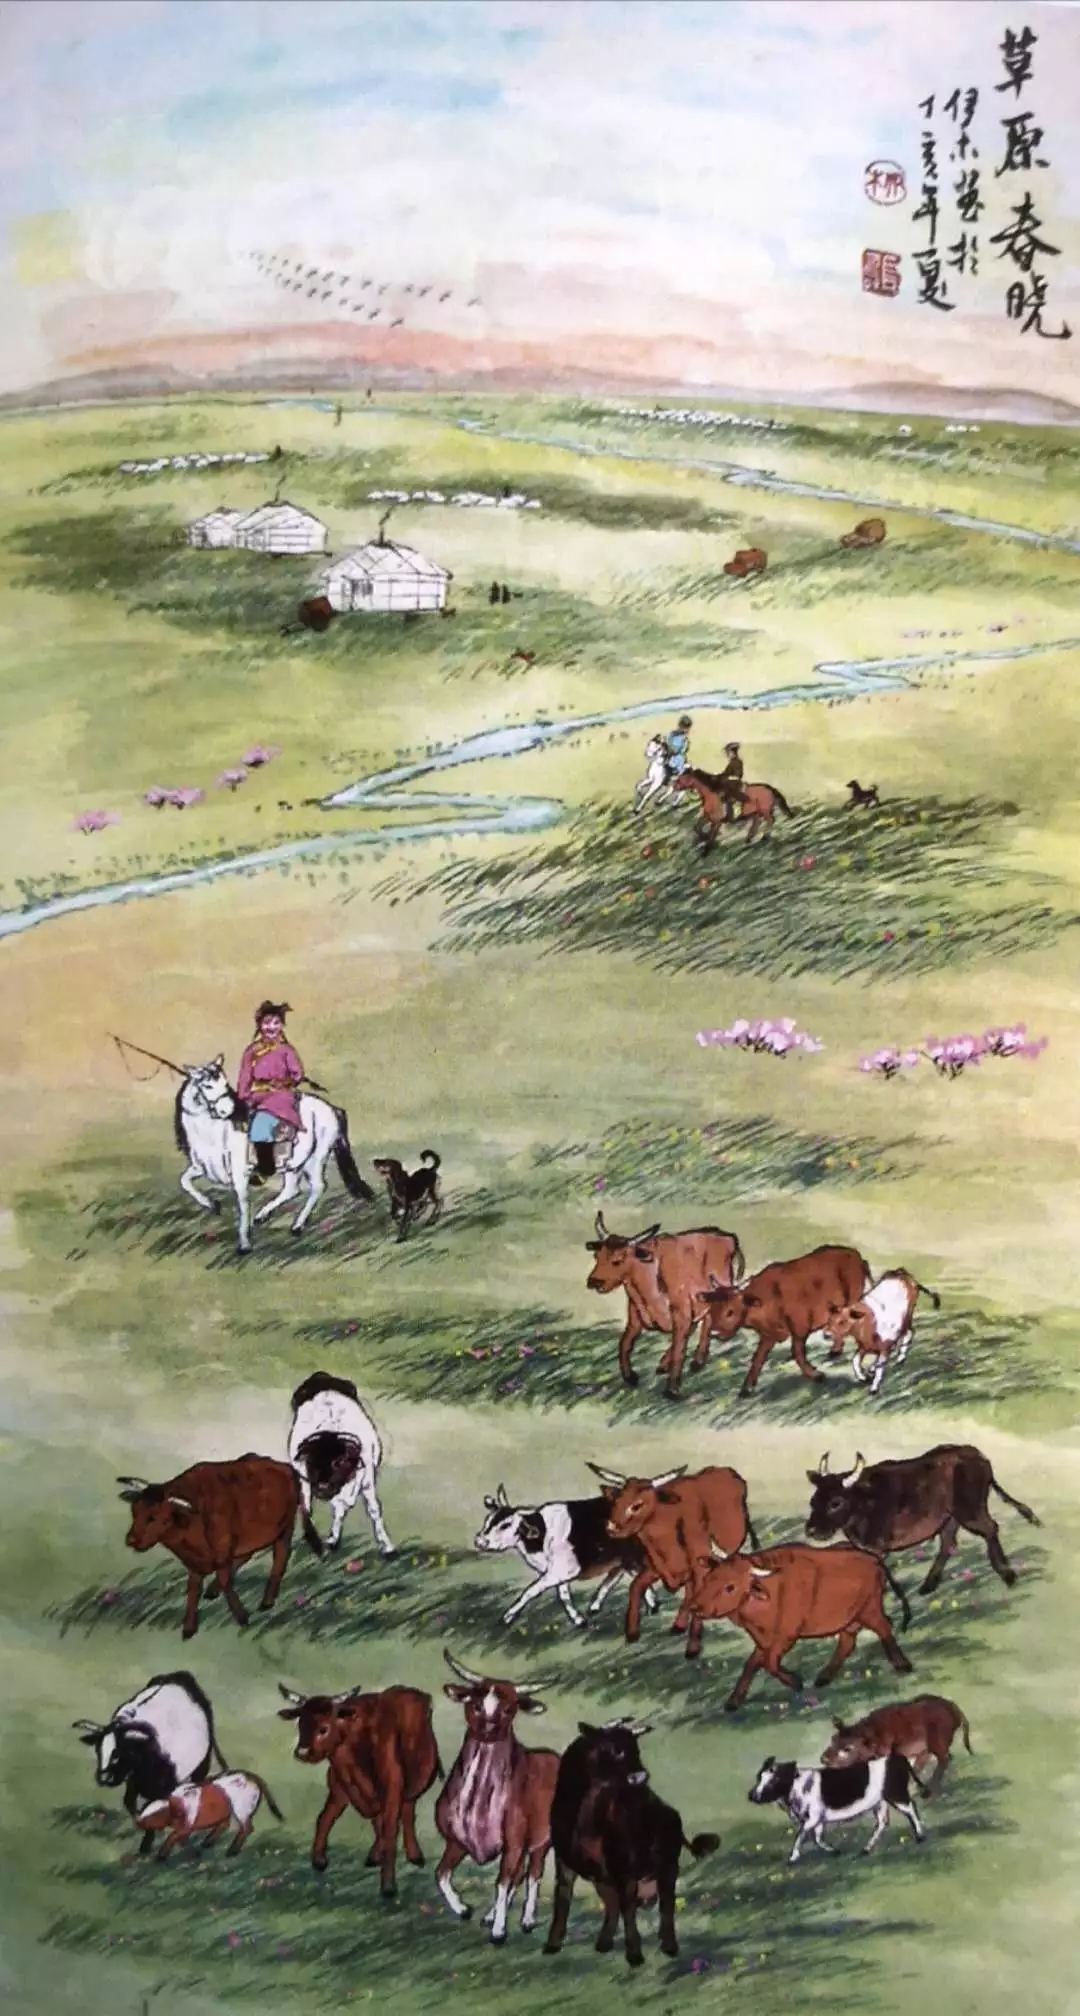 蒙古族画家|伊木舍楞 第10张 蒙古族画家|伊木舍楞 蒙古画廊